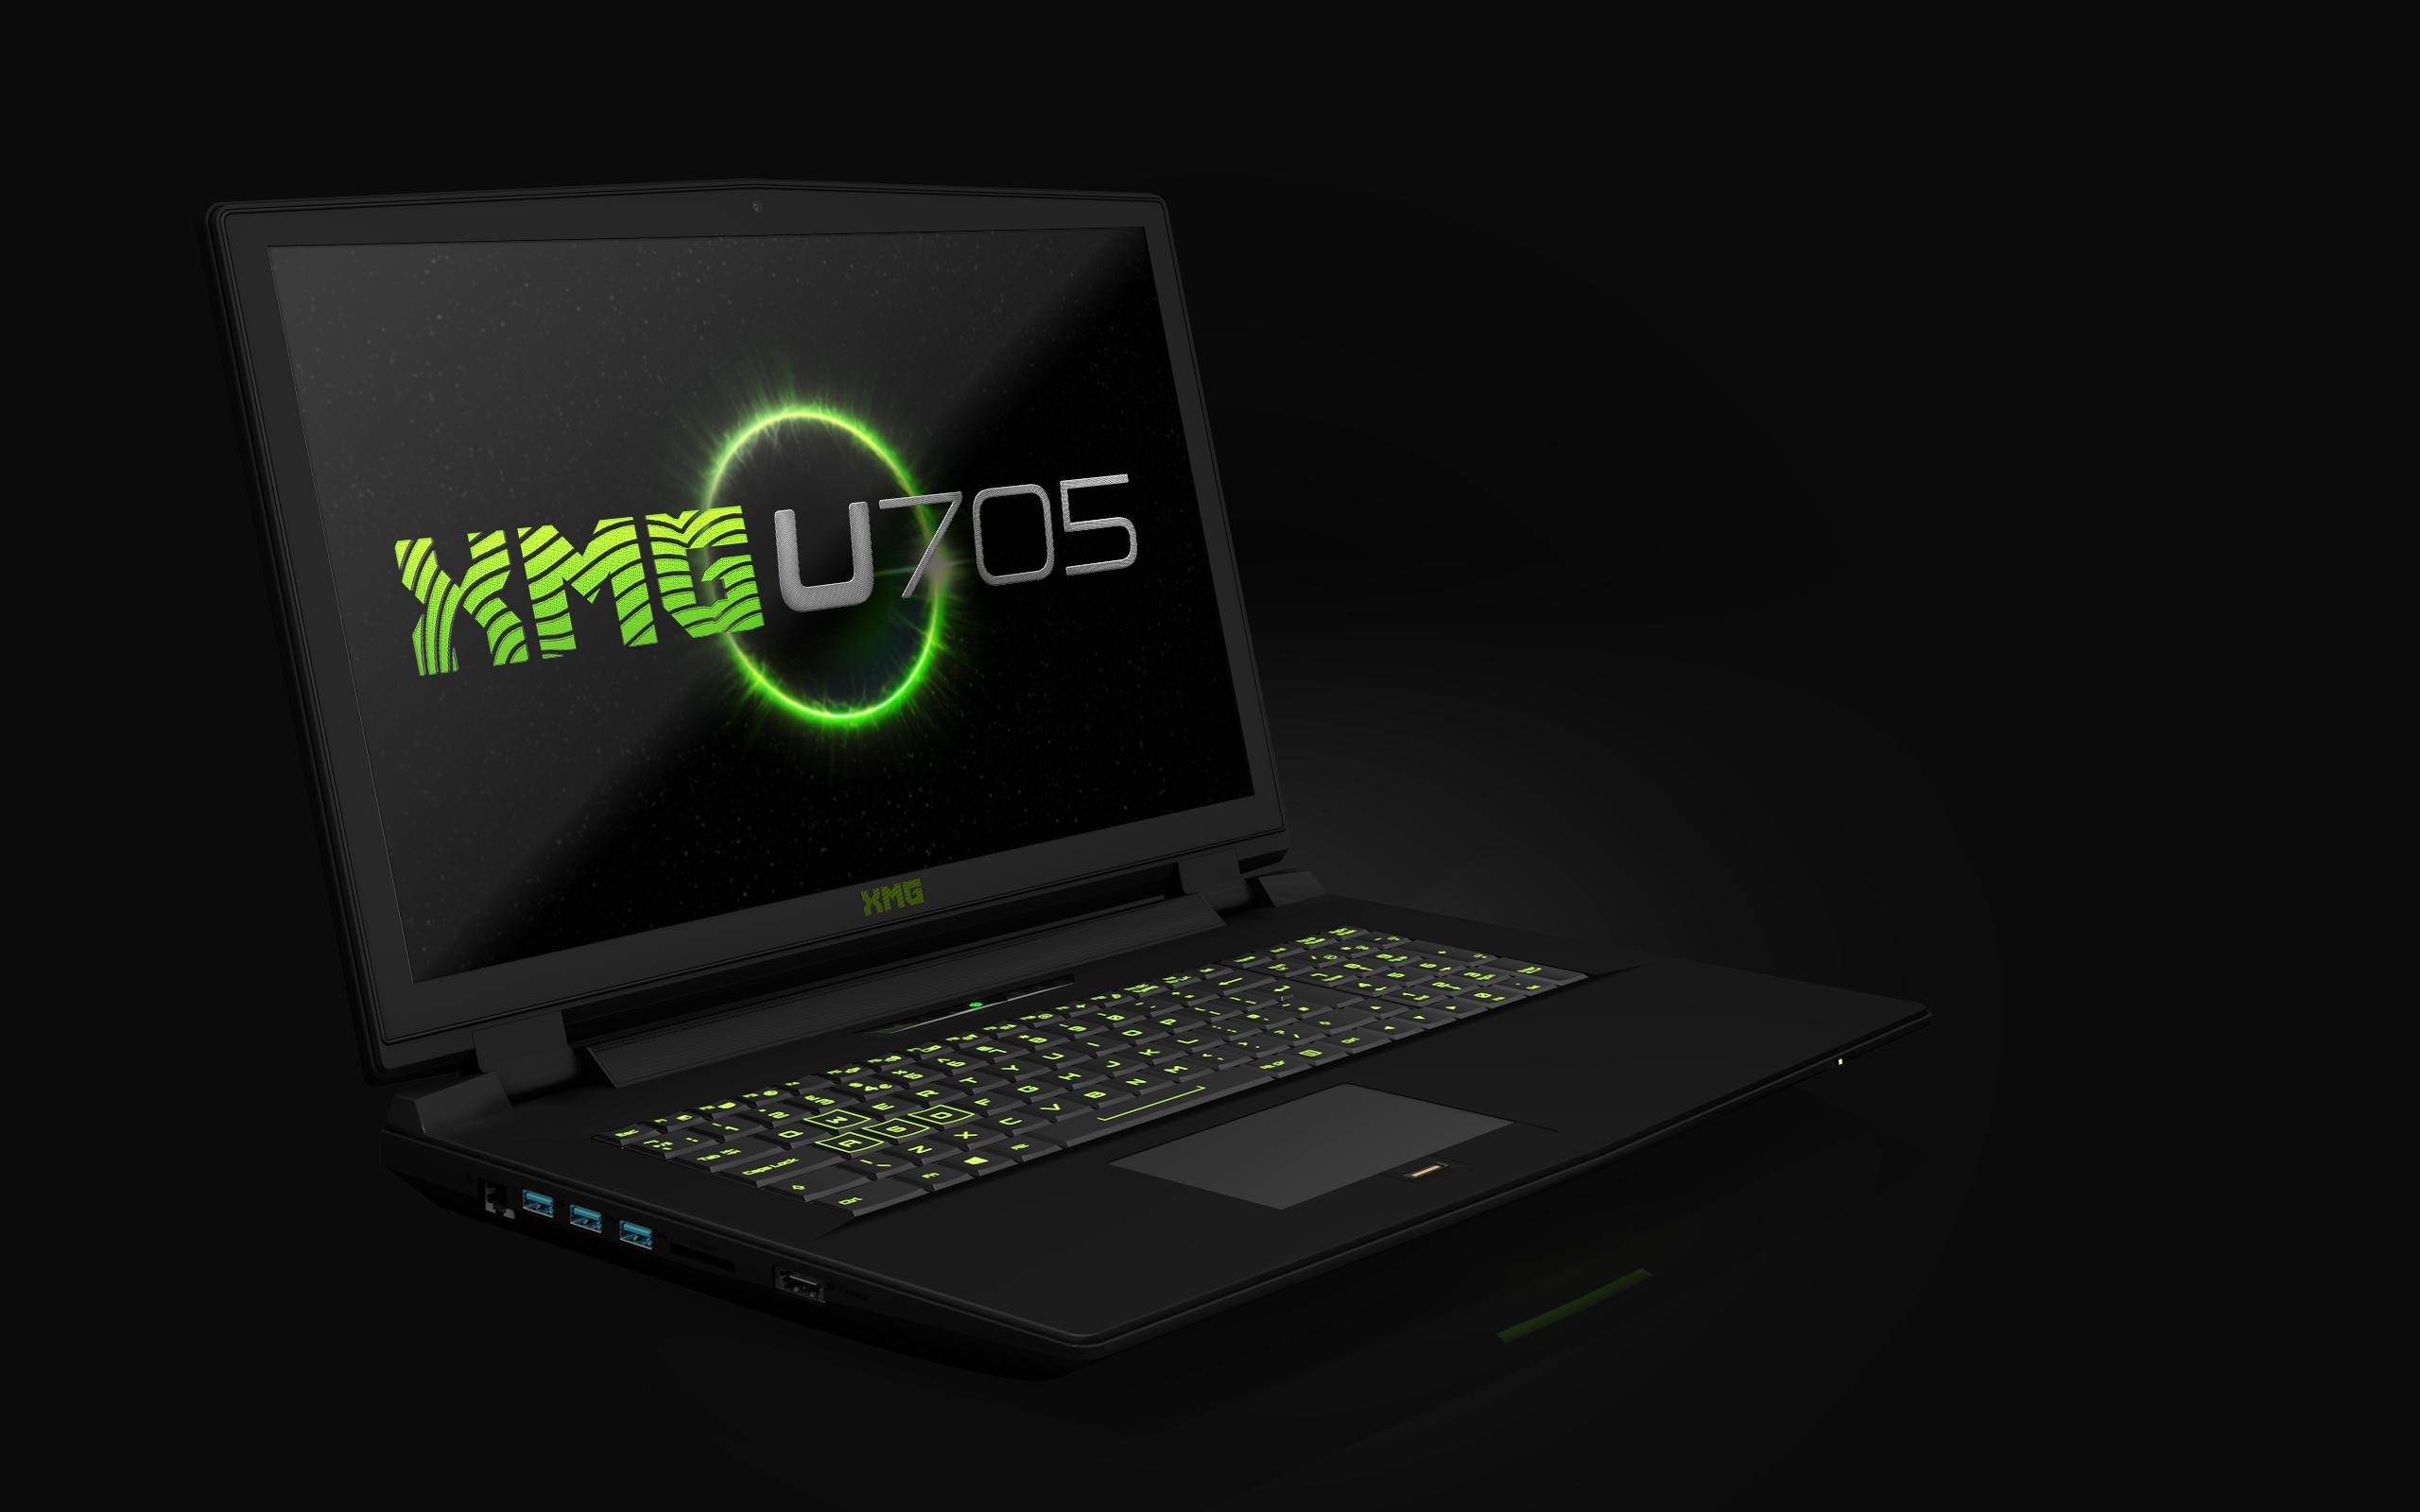 XMG U705-2